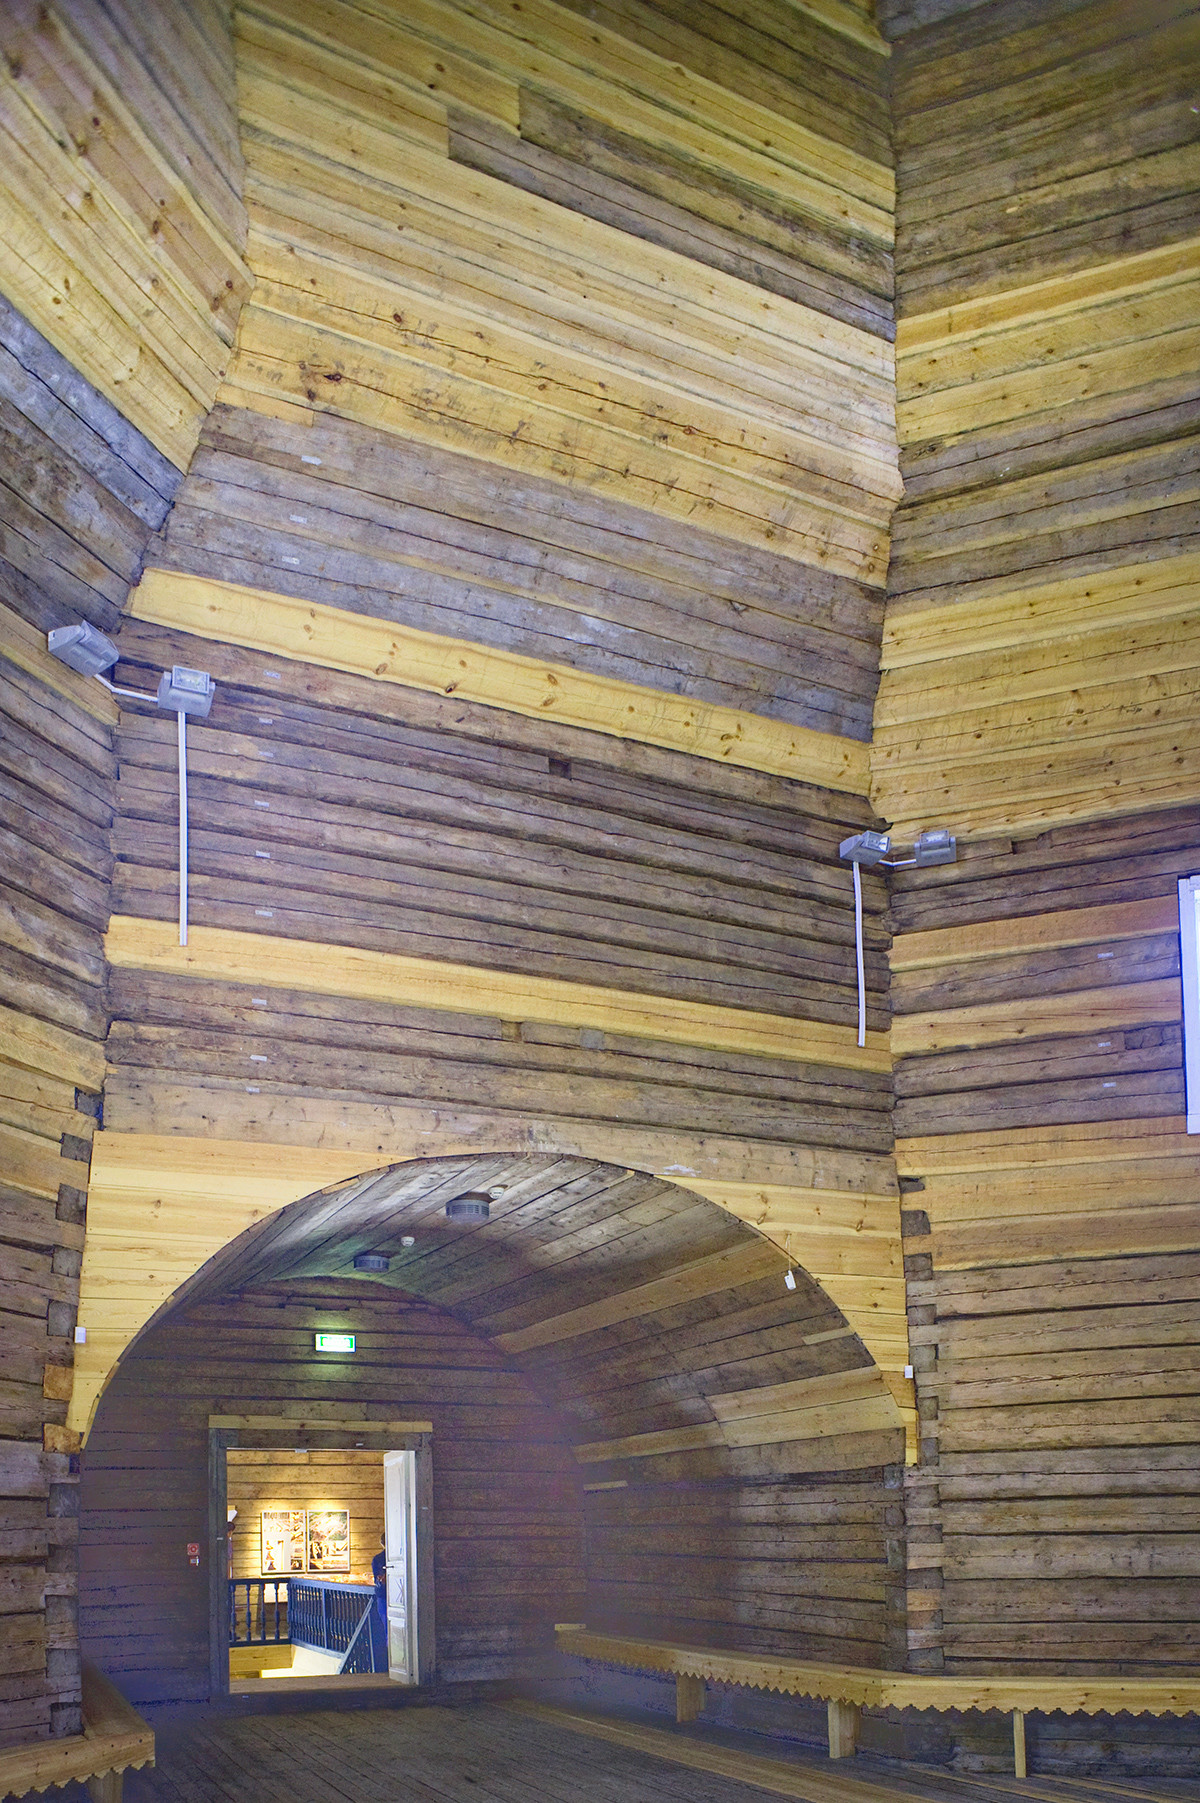 Église du prophète Élie. Intérieur, mur ouest, vue vers le vestibule. Rondins de bois originaux (les plus sombres) insérés dans le processus de restauration